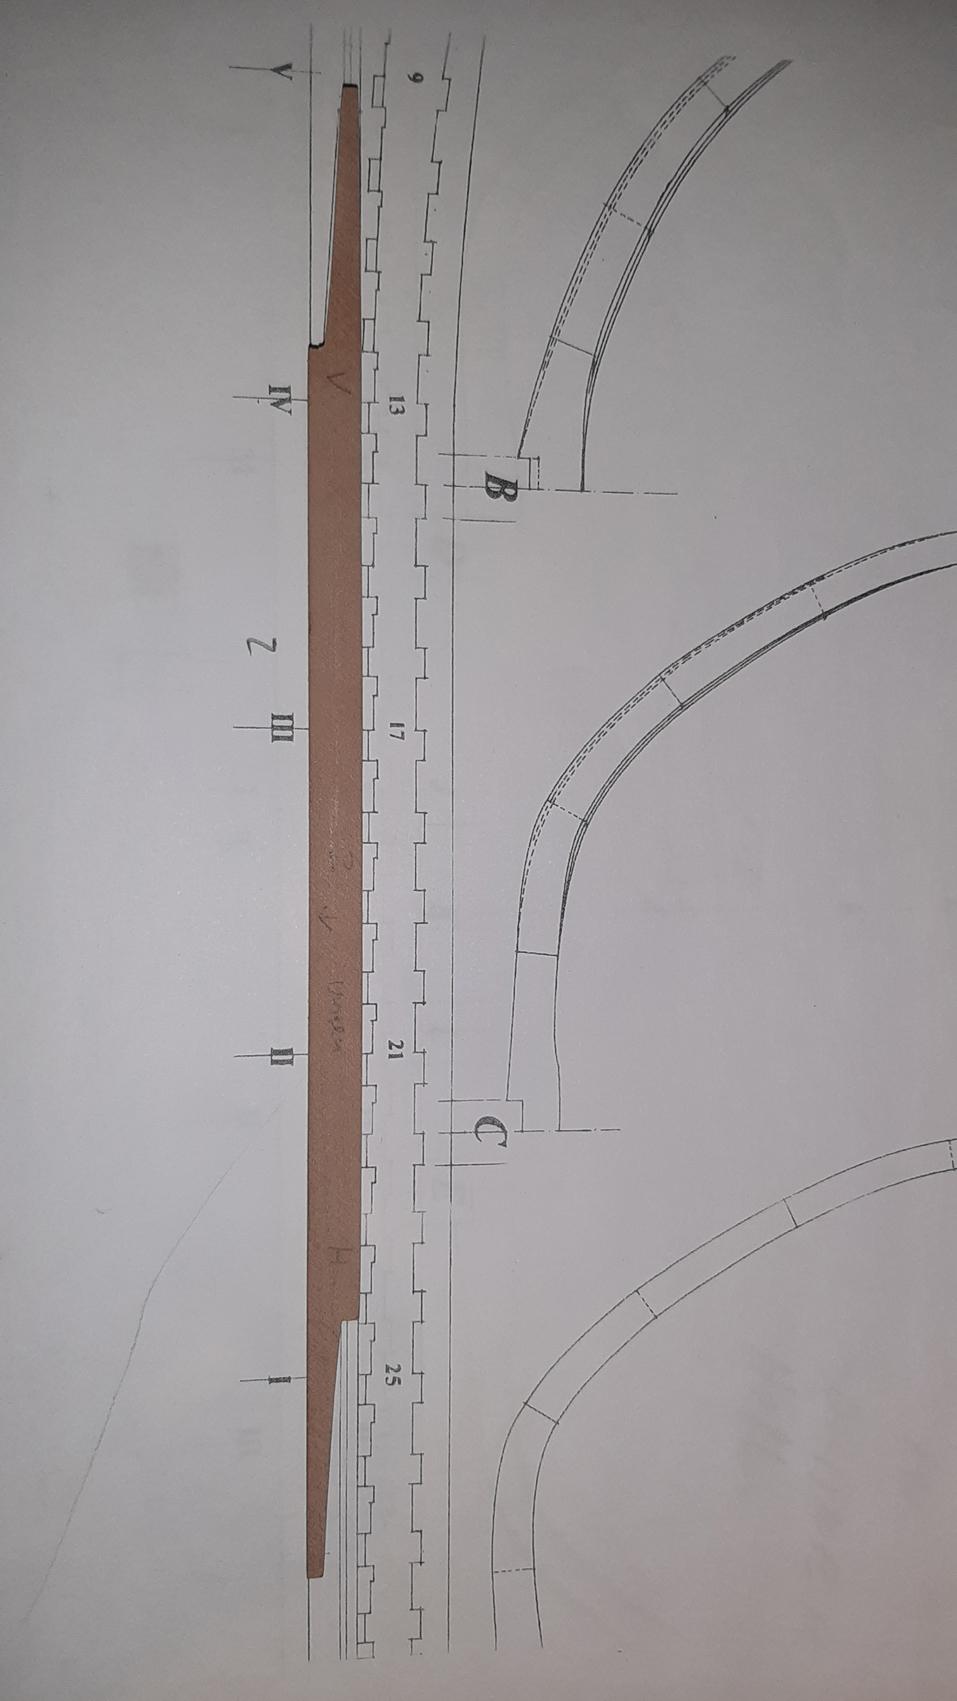 Bonhomme Richard 1779, échelle 1/60 par mtbbiker 20200122